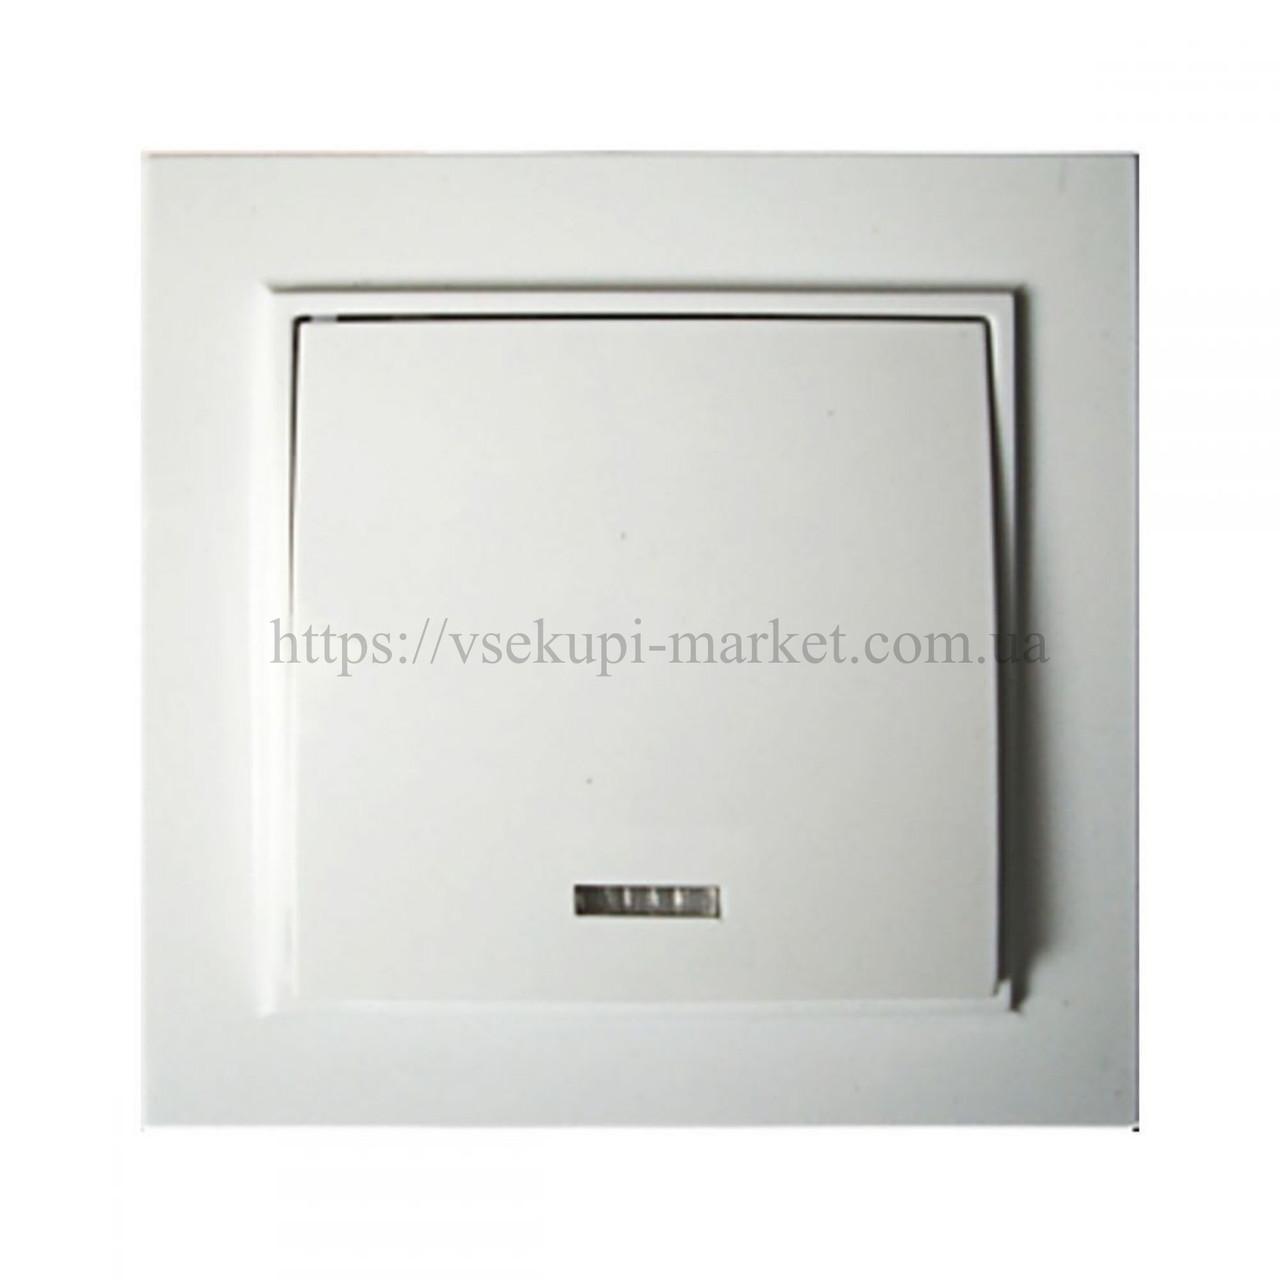 Выключатель RIGHT HAUSEN KIRA 1-Й ВНУТРЕННИЙ с подсветкой белый HN-016021